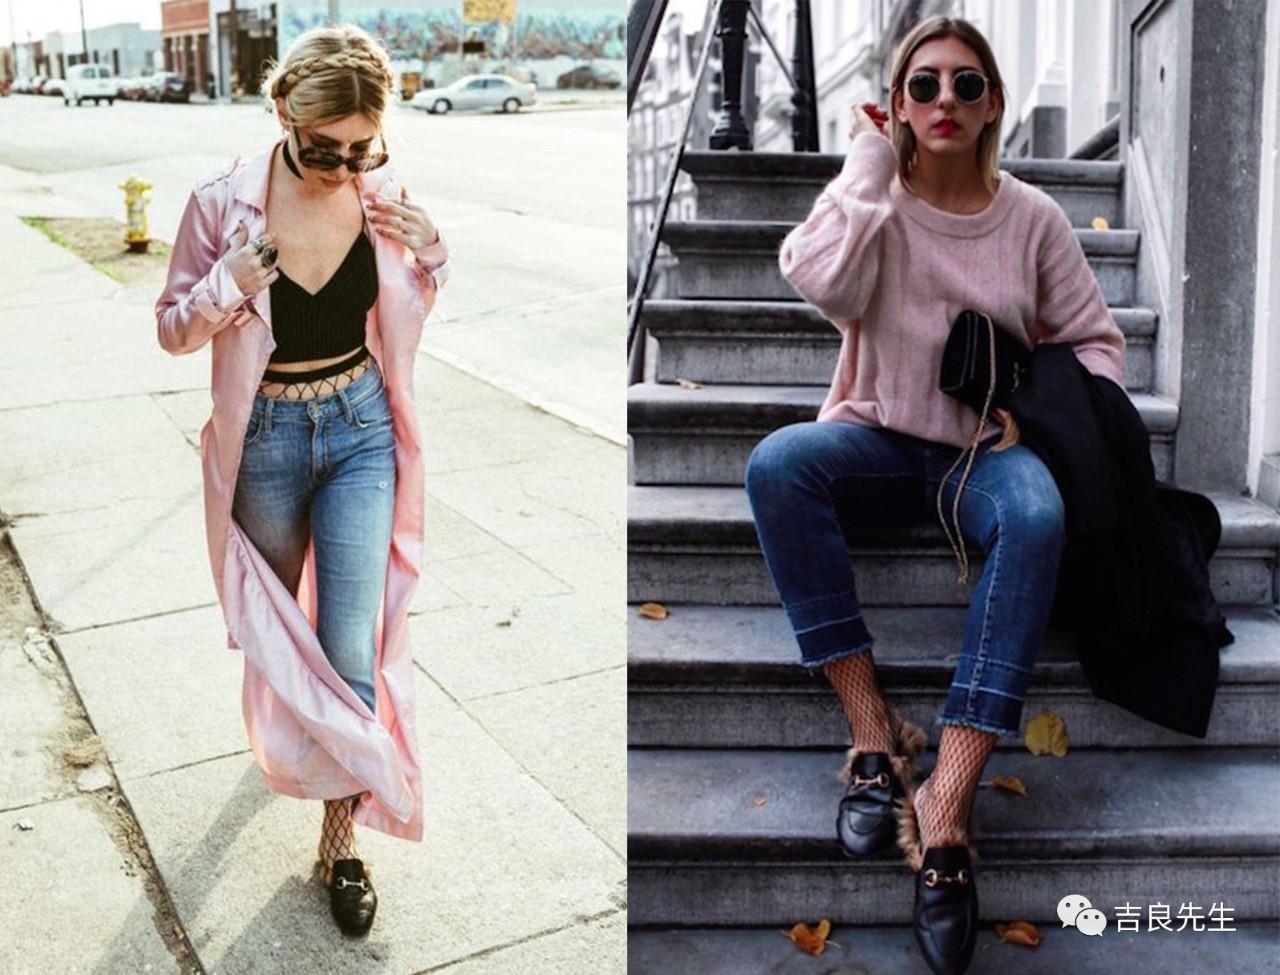 网袜这货到底是怎么红起来的?备受争议icon级时尚单品 风格偶像 图24